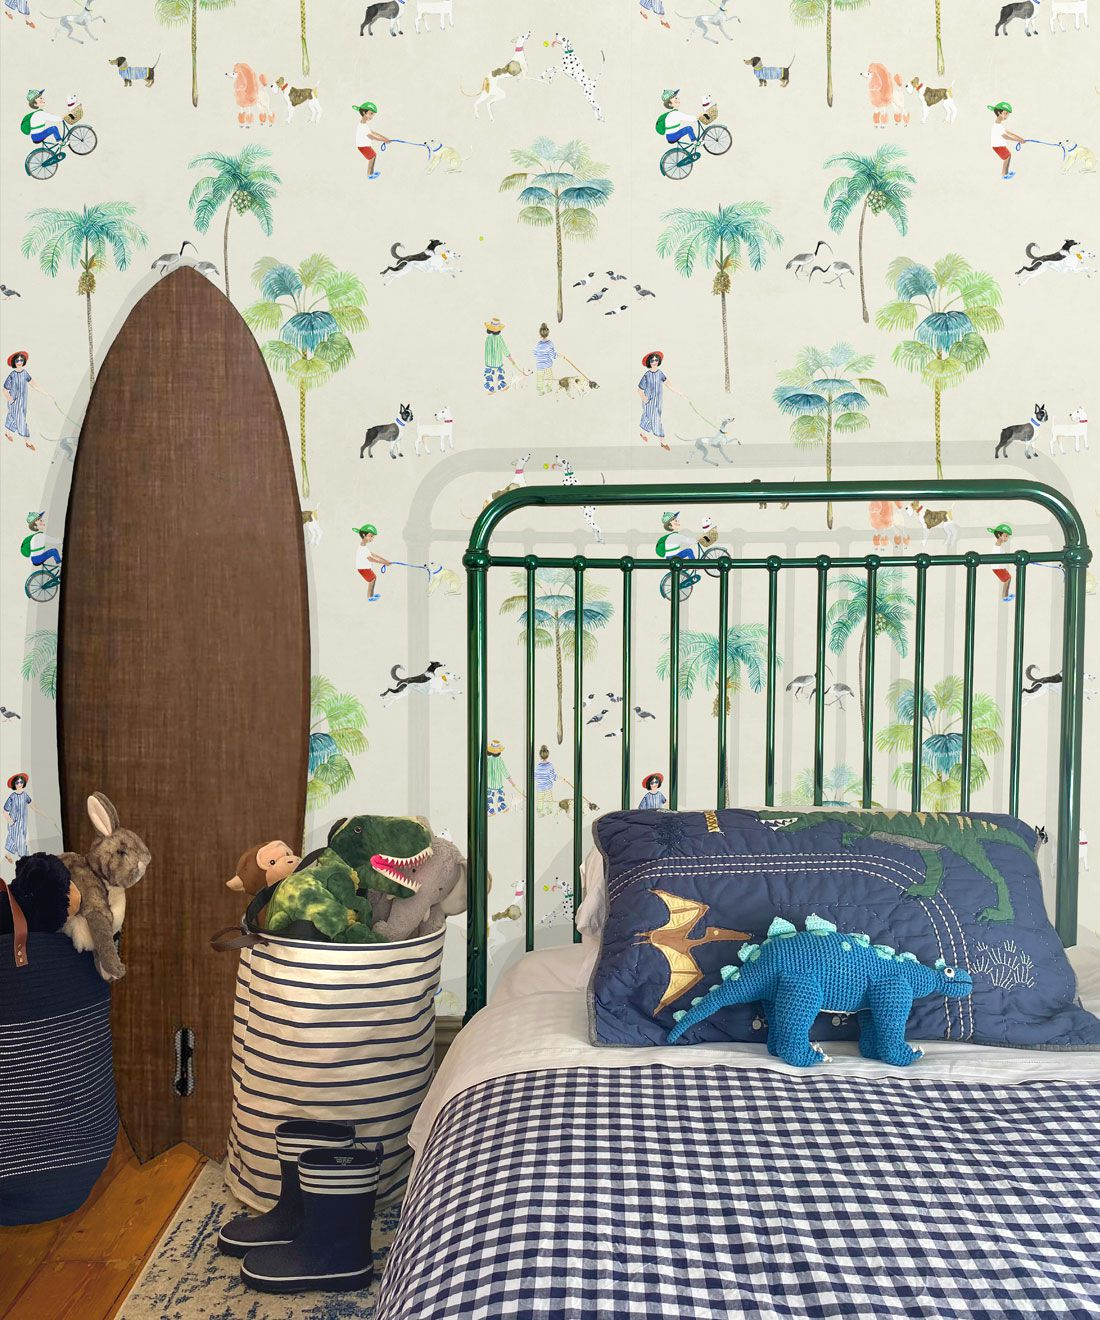 At The Dog Park Wallpaper •Kids Wallpaper • Cream • Insitu